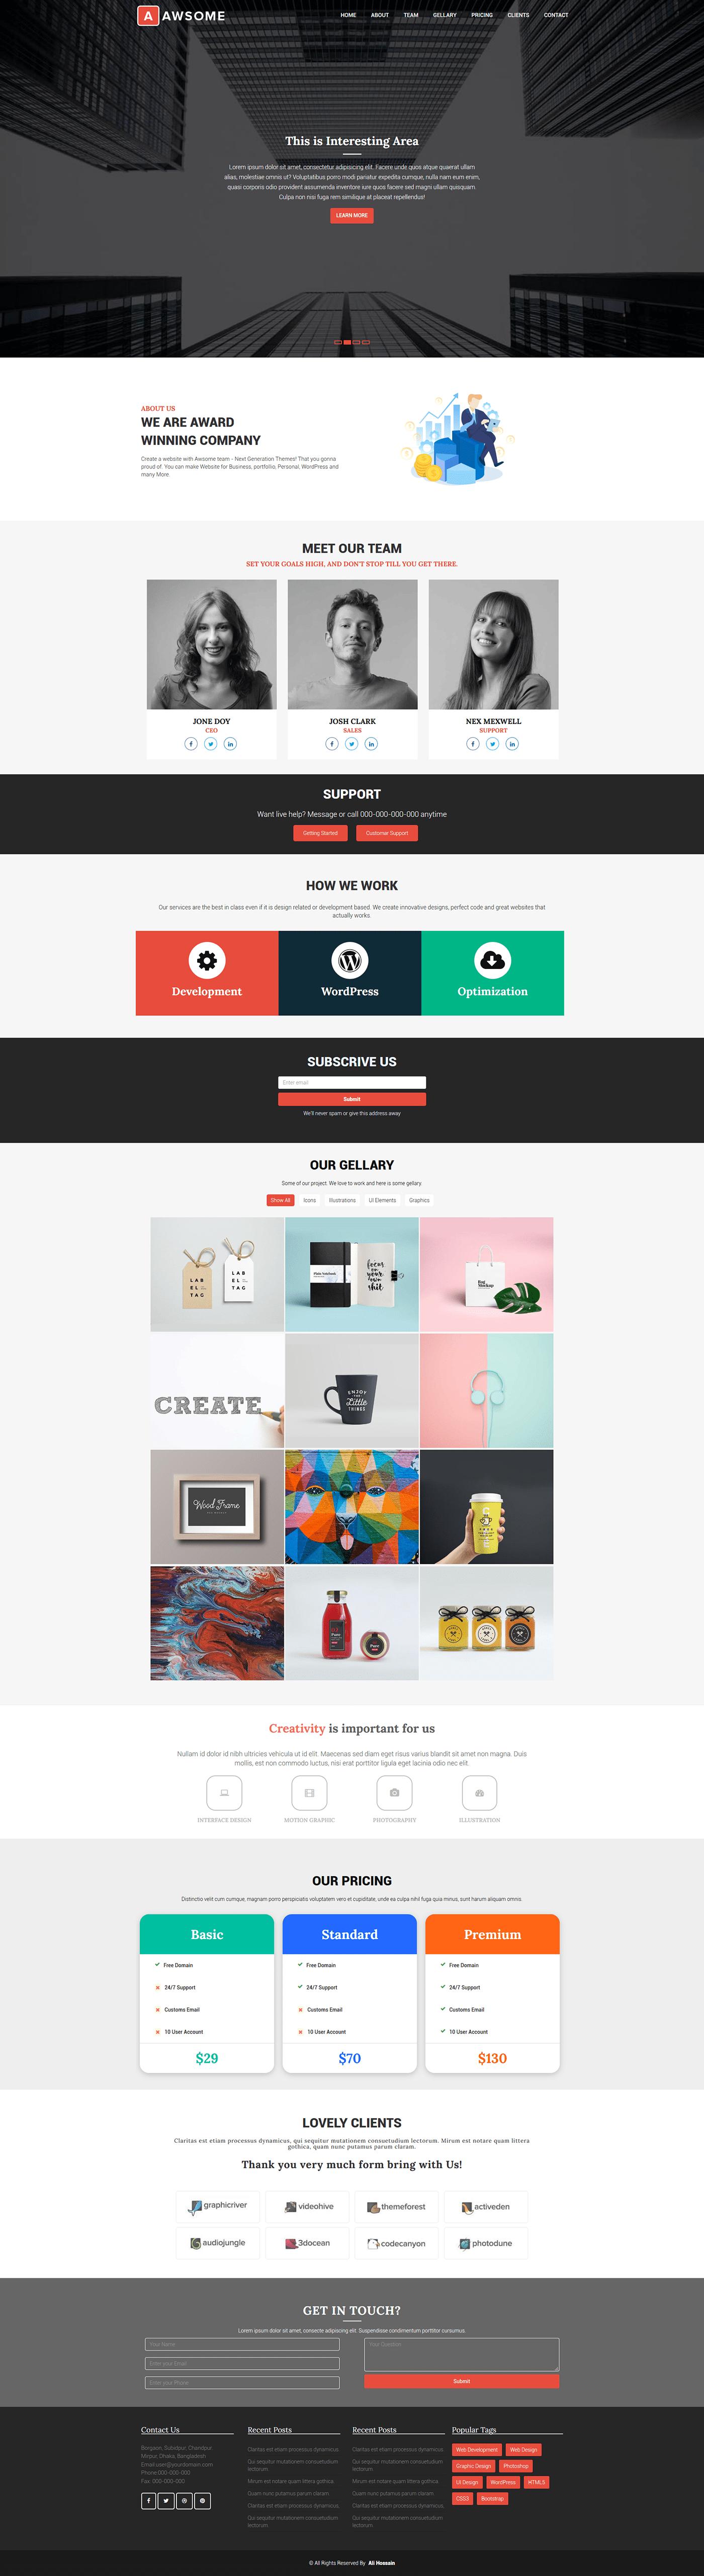 graphic design  ui design web desing web template design Web UI landing page landing page design